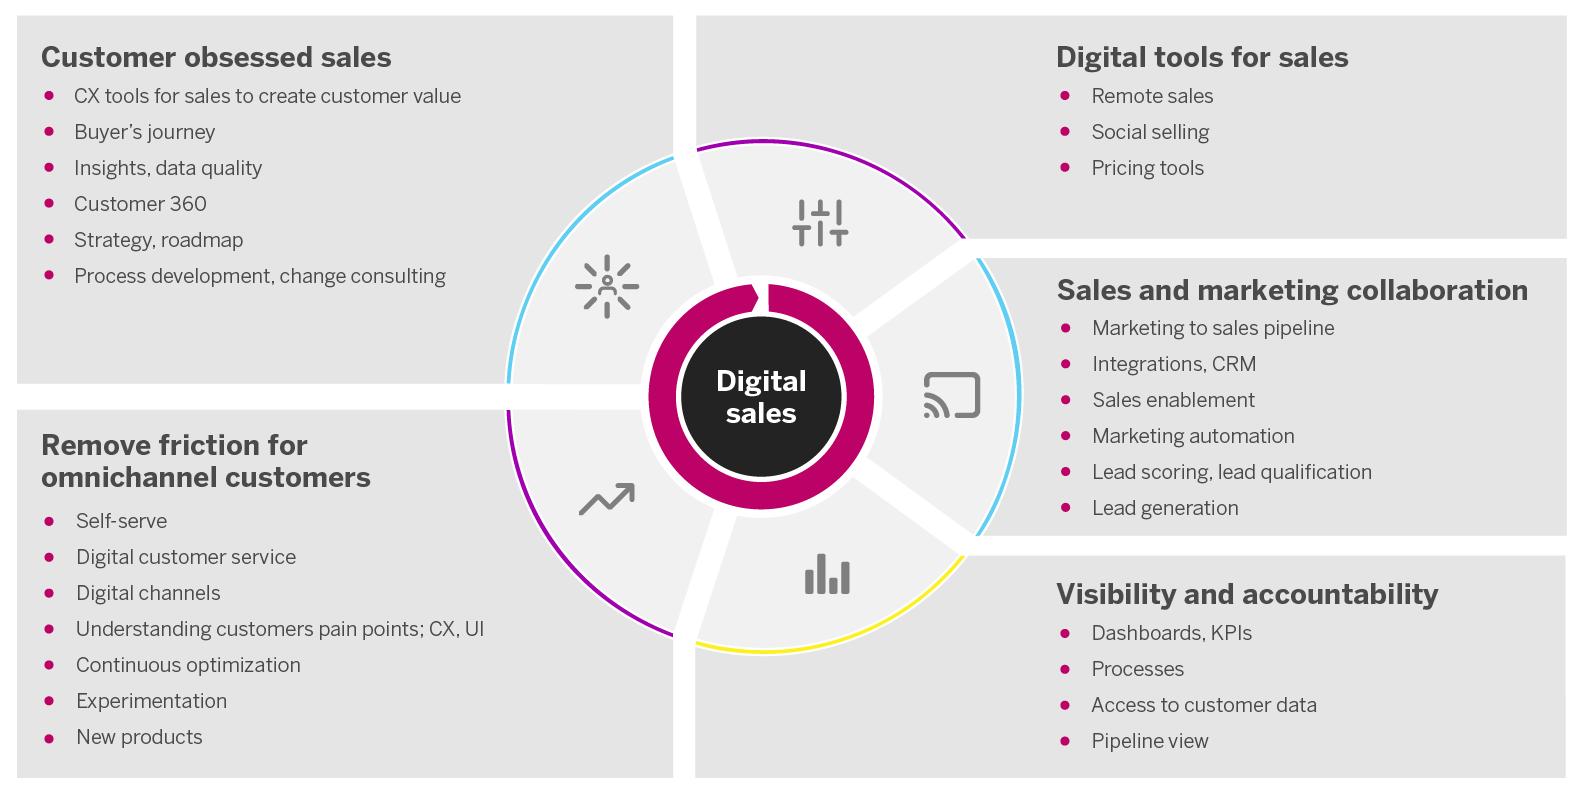 digital_sales_v1.0_light